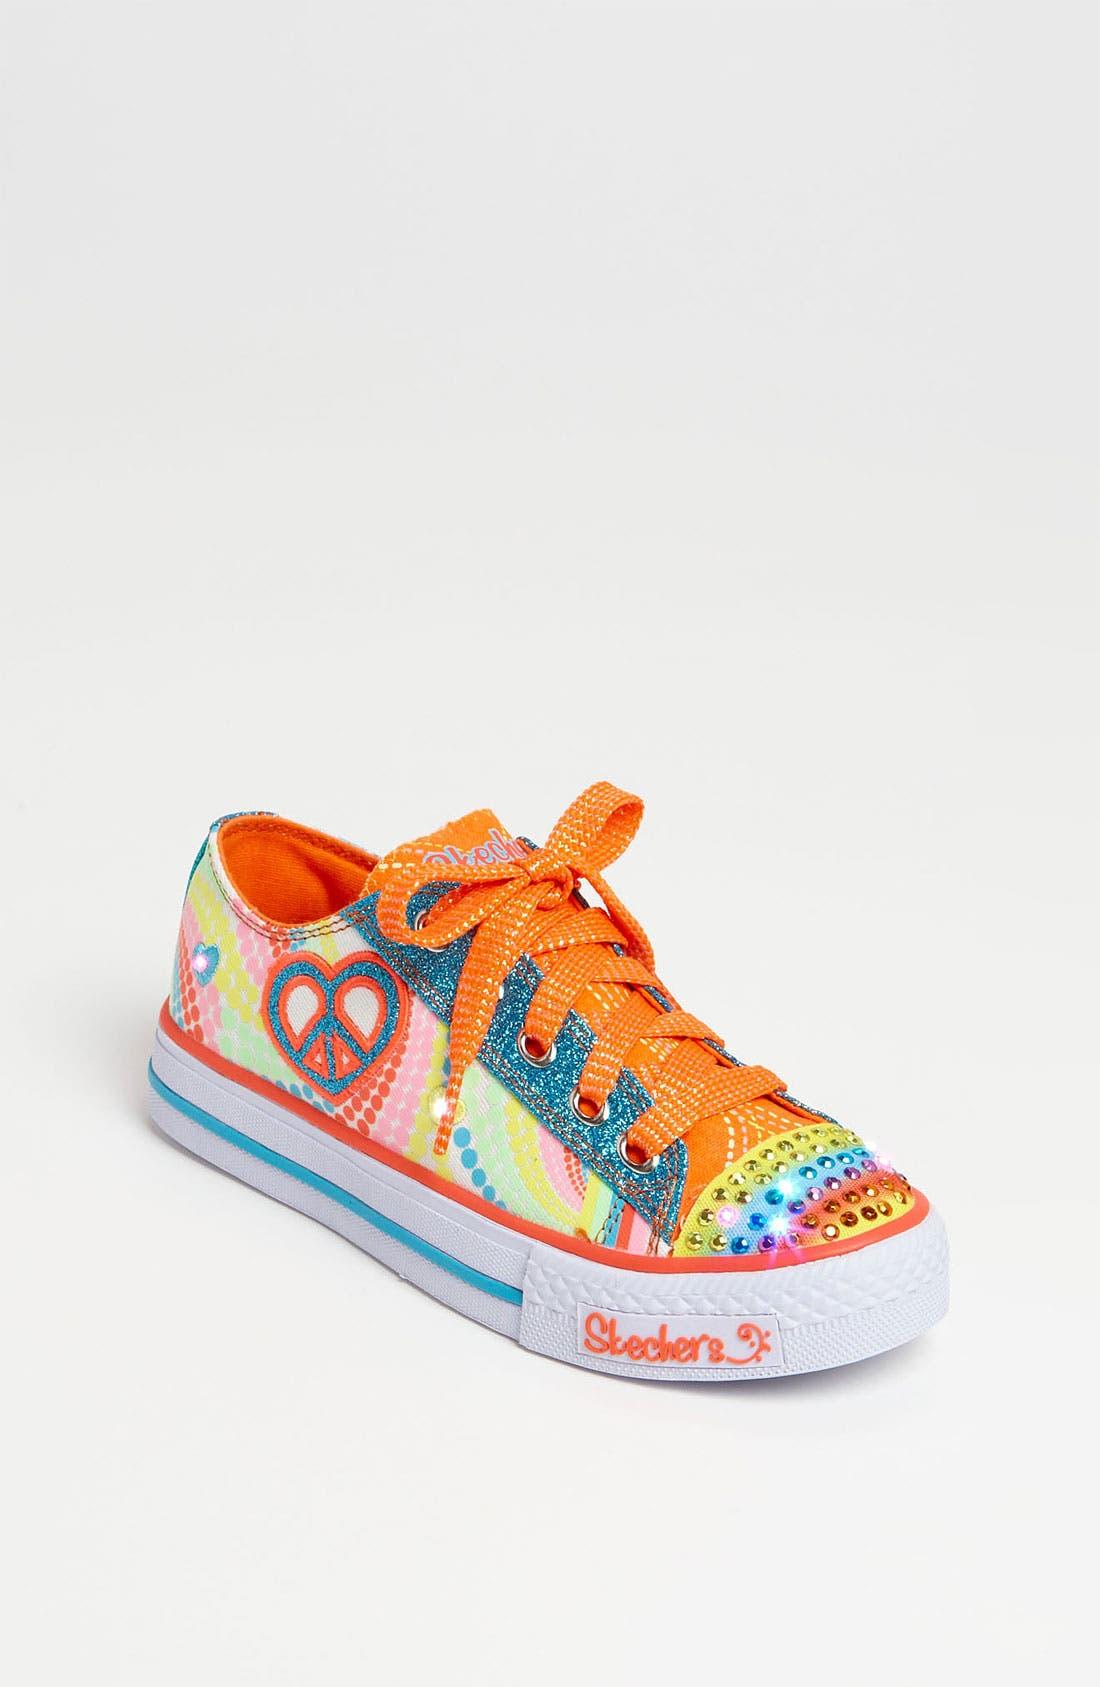 Main Image - SKECHERS 'Shuffles - Lights Heart Sparks' Sneaker (Walker, Toddler & Little Kid)